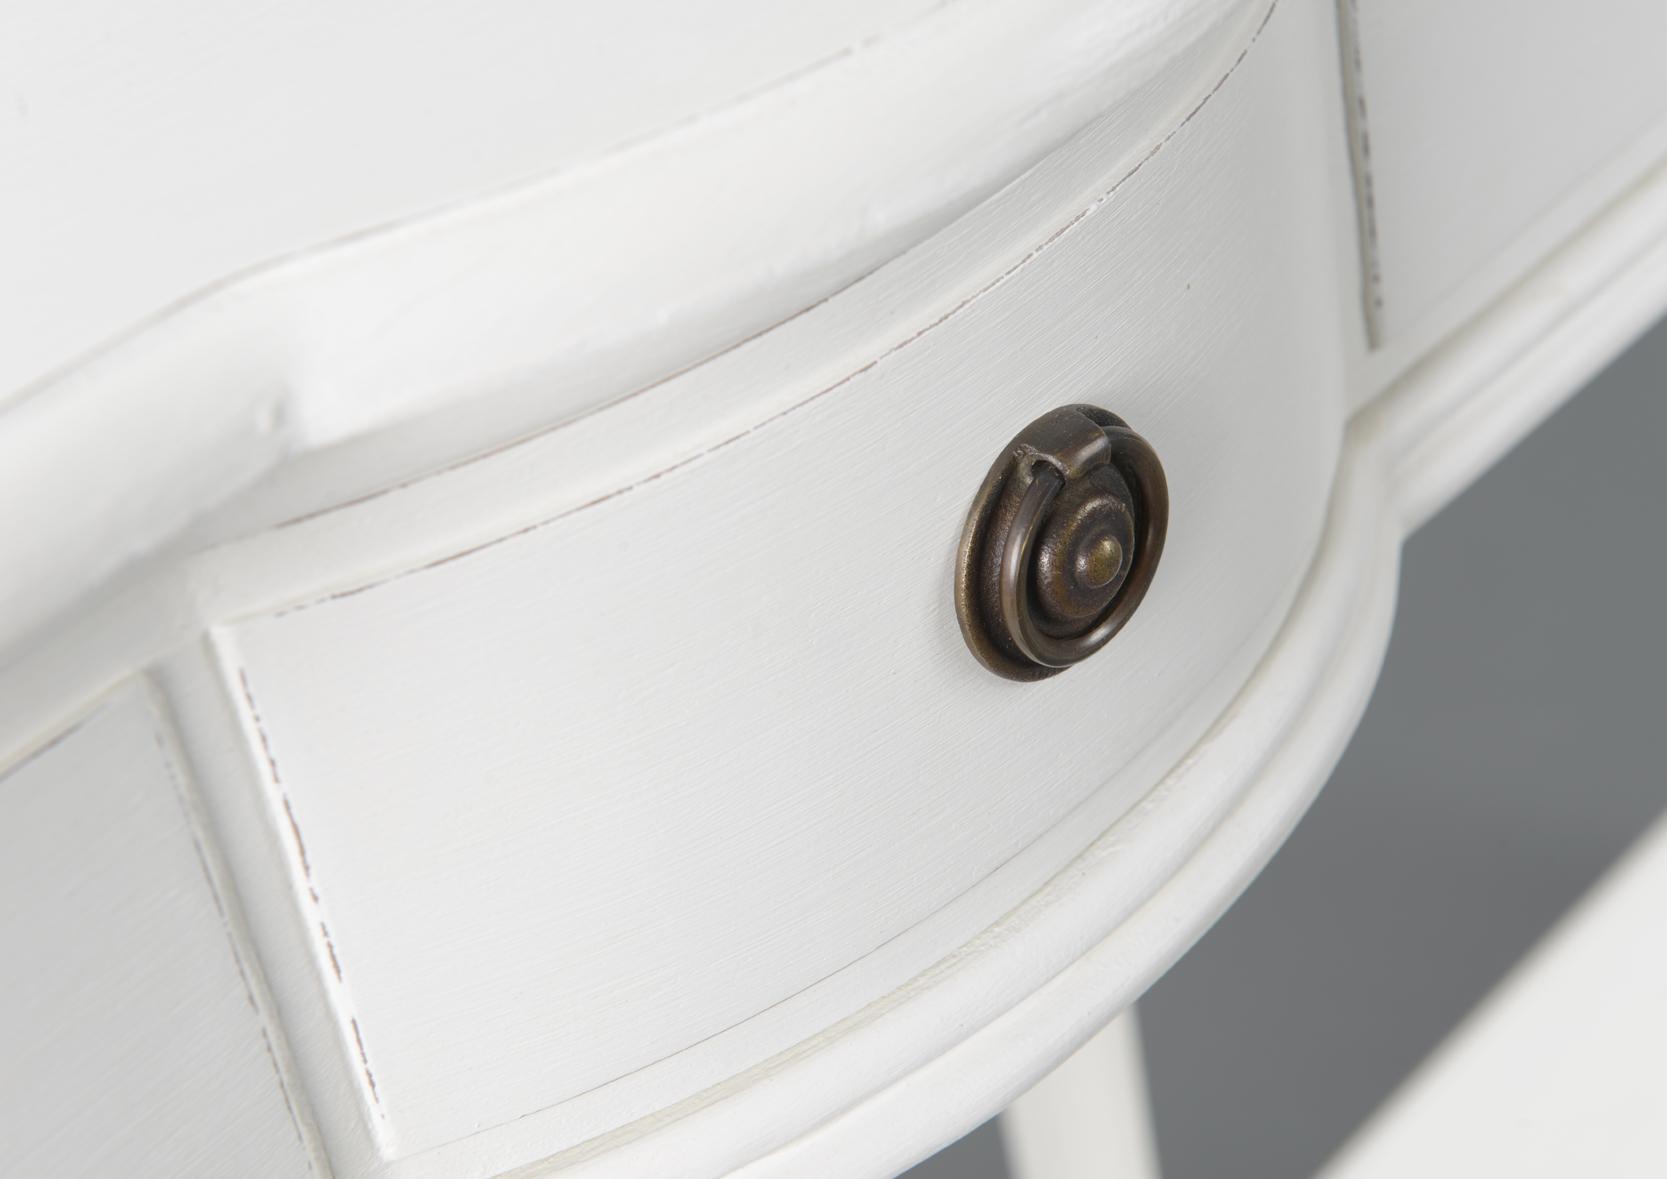 meuble tv agathe amadeus 115252 o magasin de meubles deco orl ans esprit d 39 autrefois. Black Bedroom Furniture Sets. Home Design Ideas